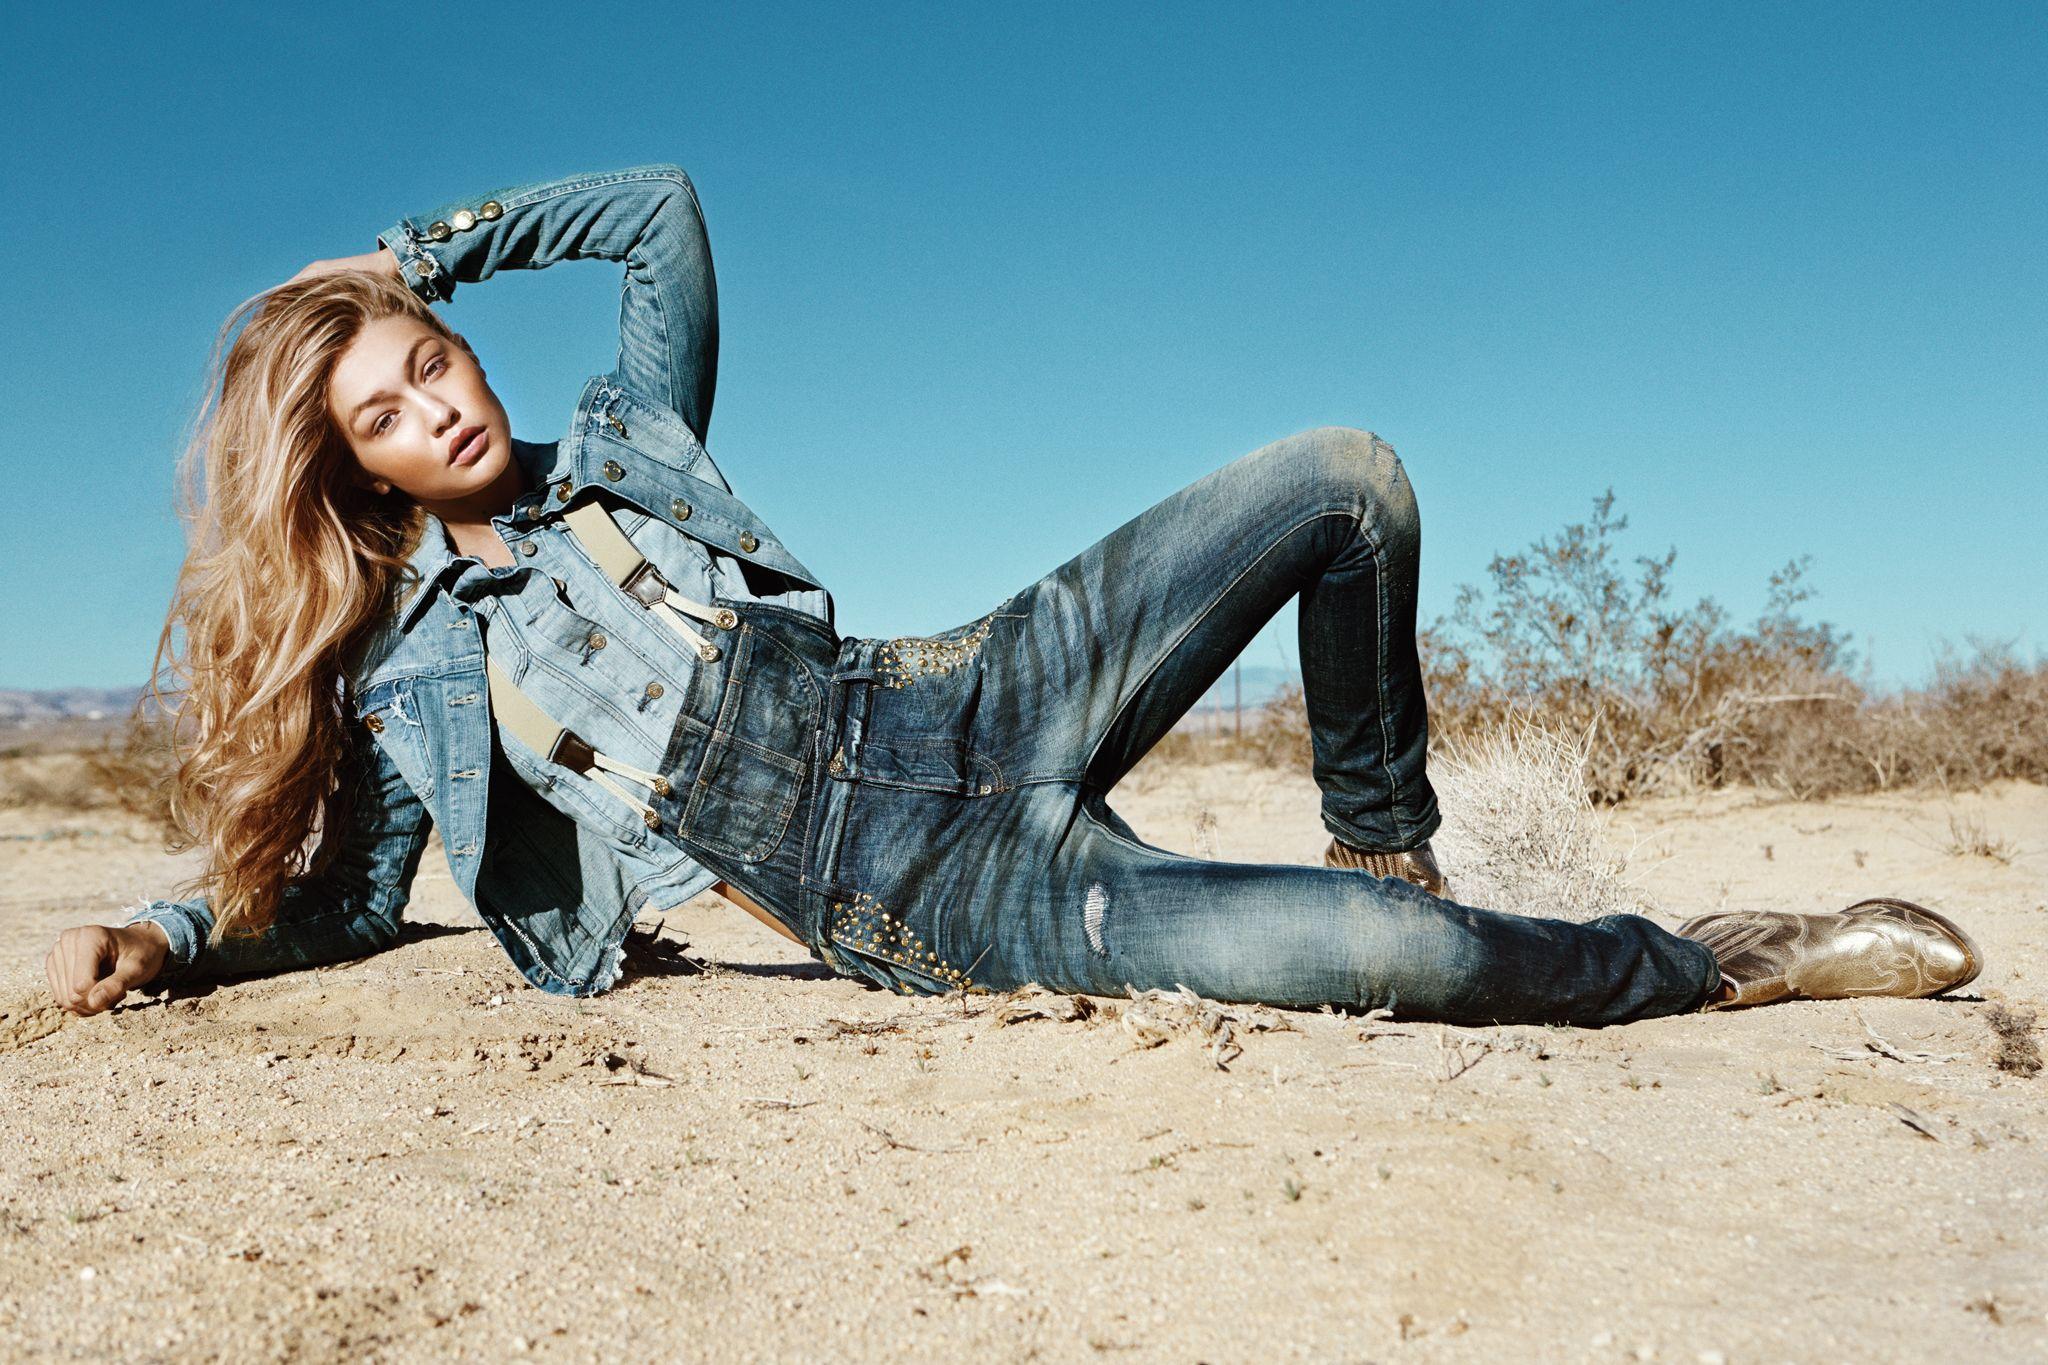 профессиональные фото на джинсовую тему игроки